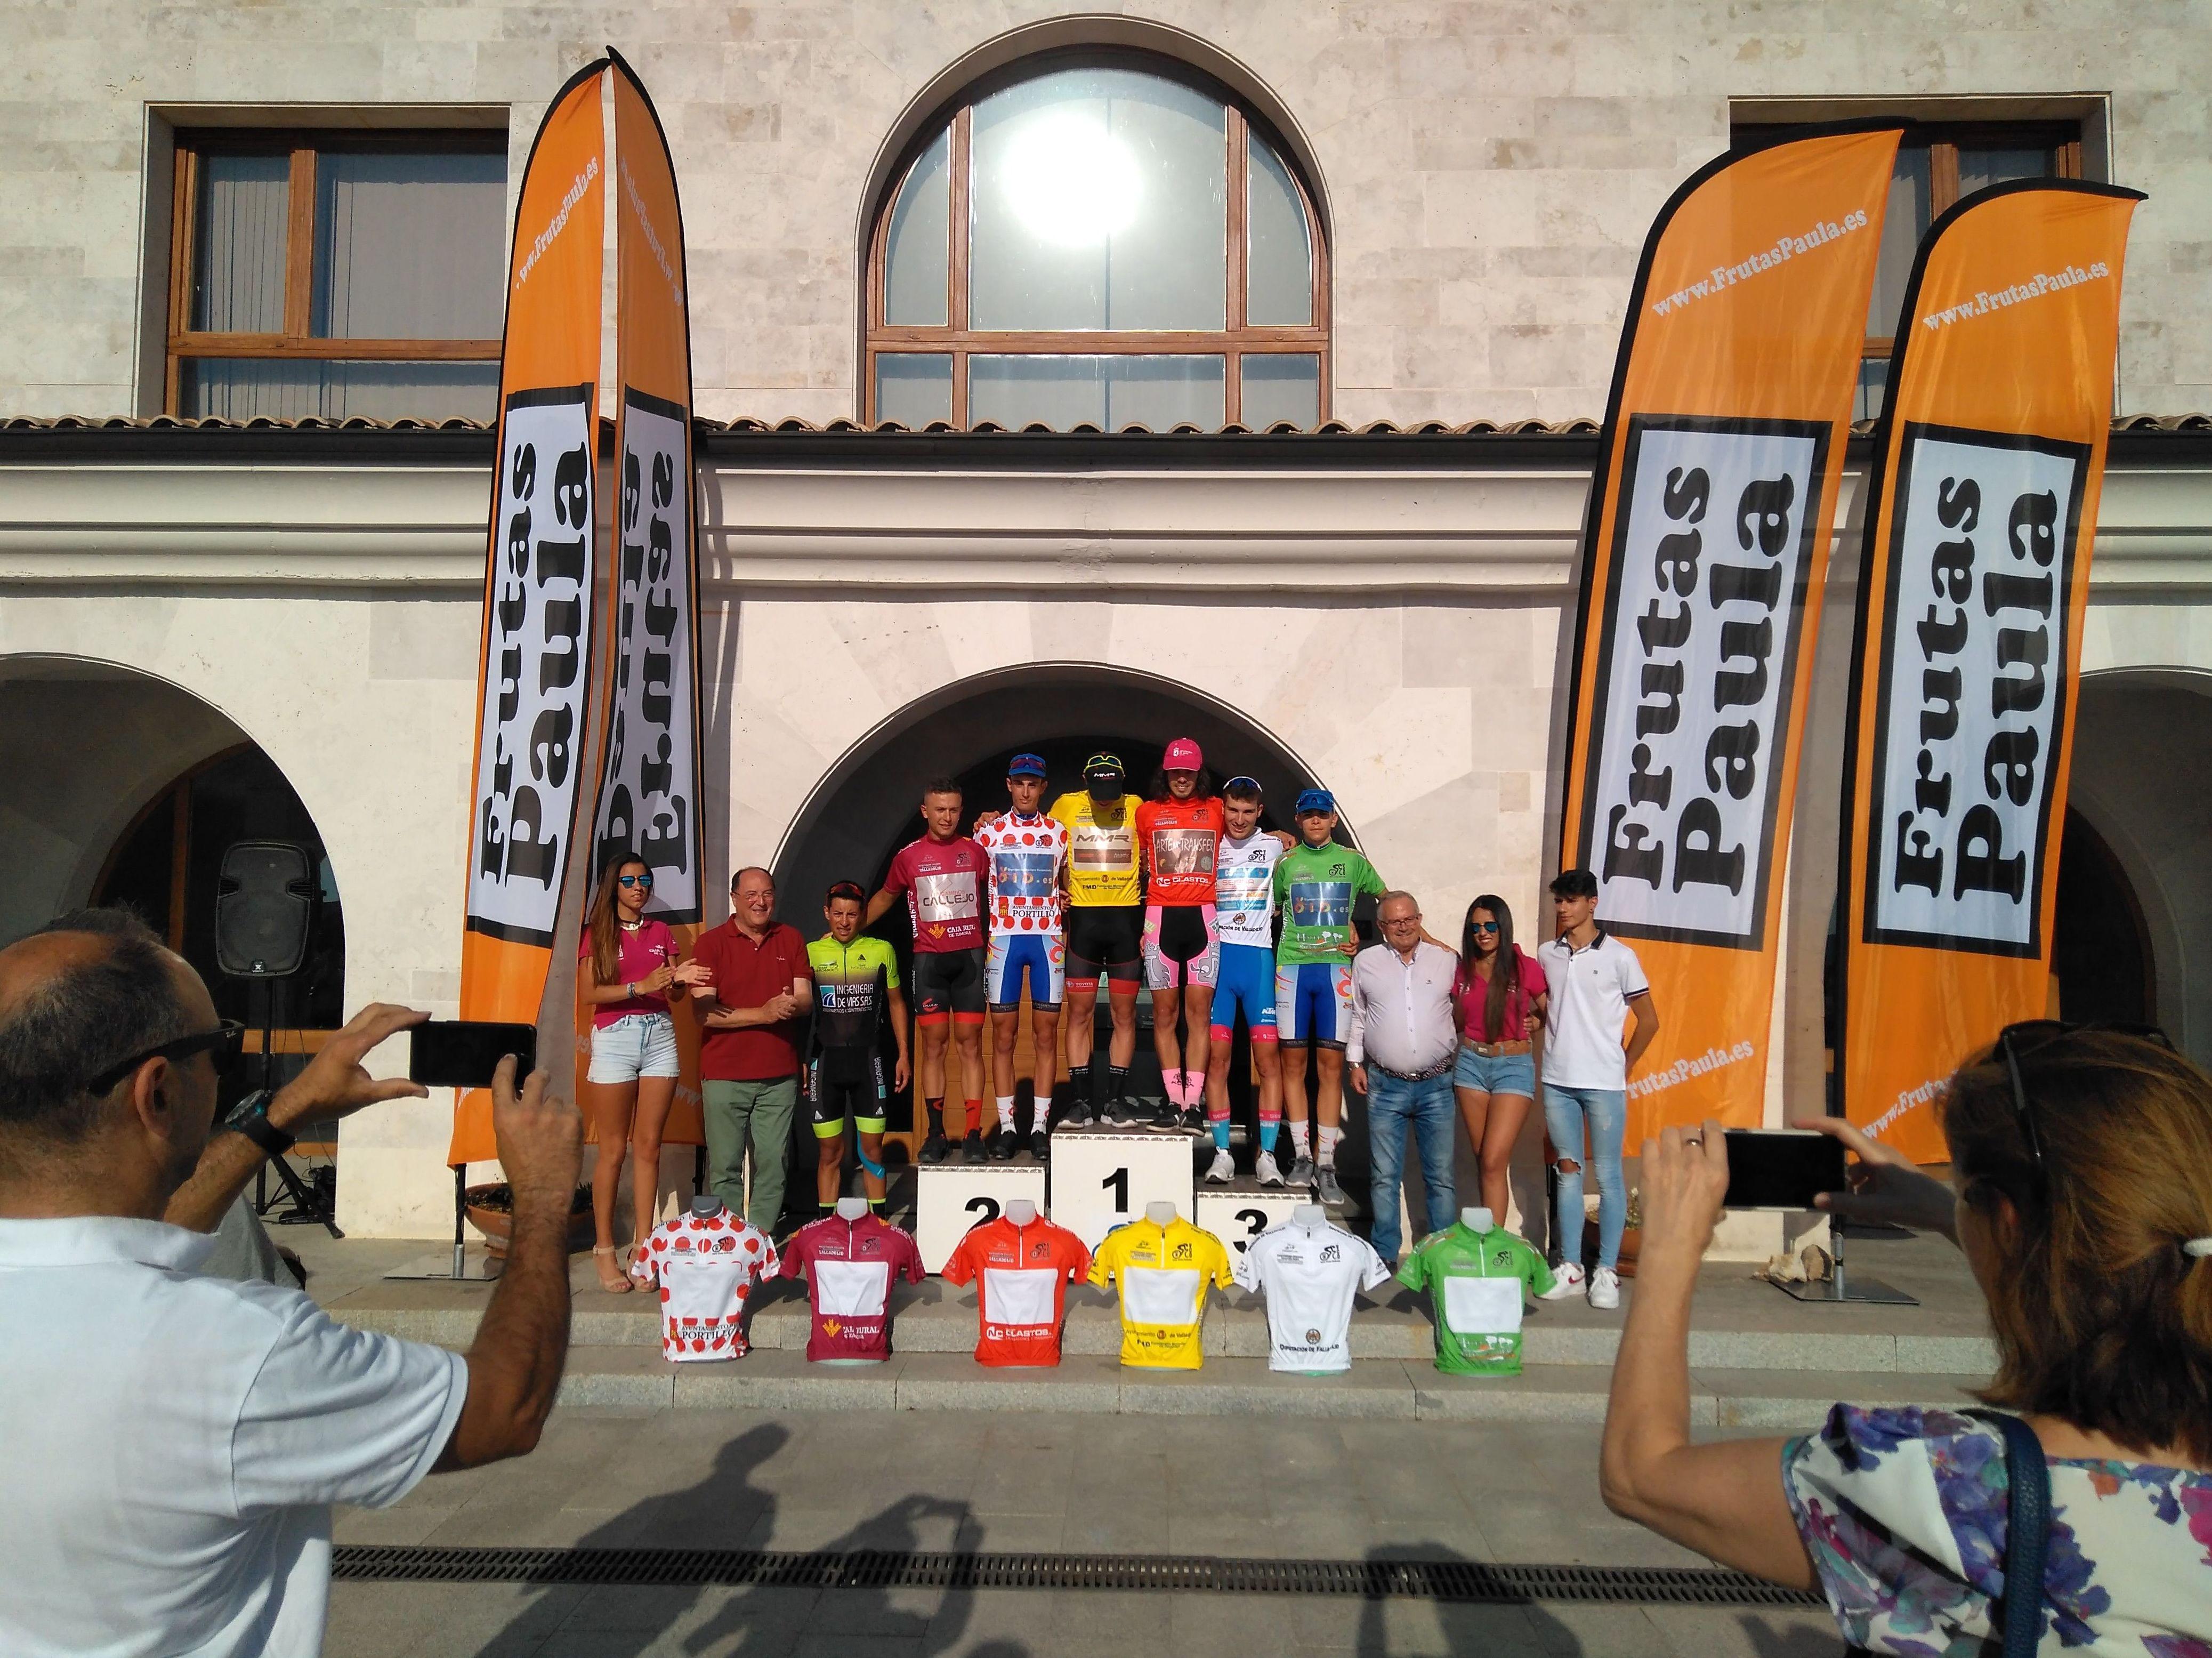 Campeones 3ª etapa          Podium situado en bodegas EMINA